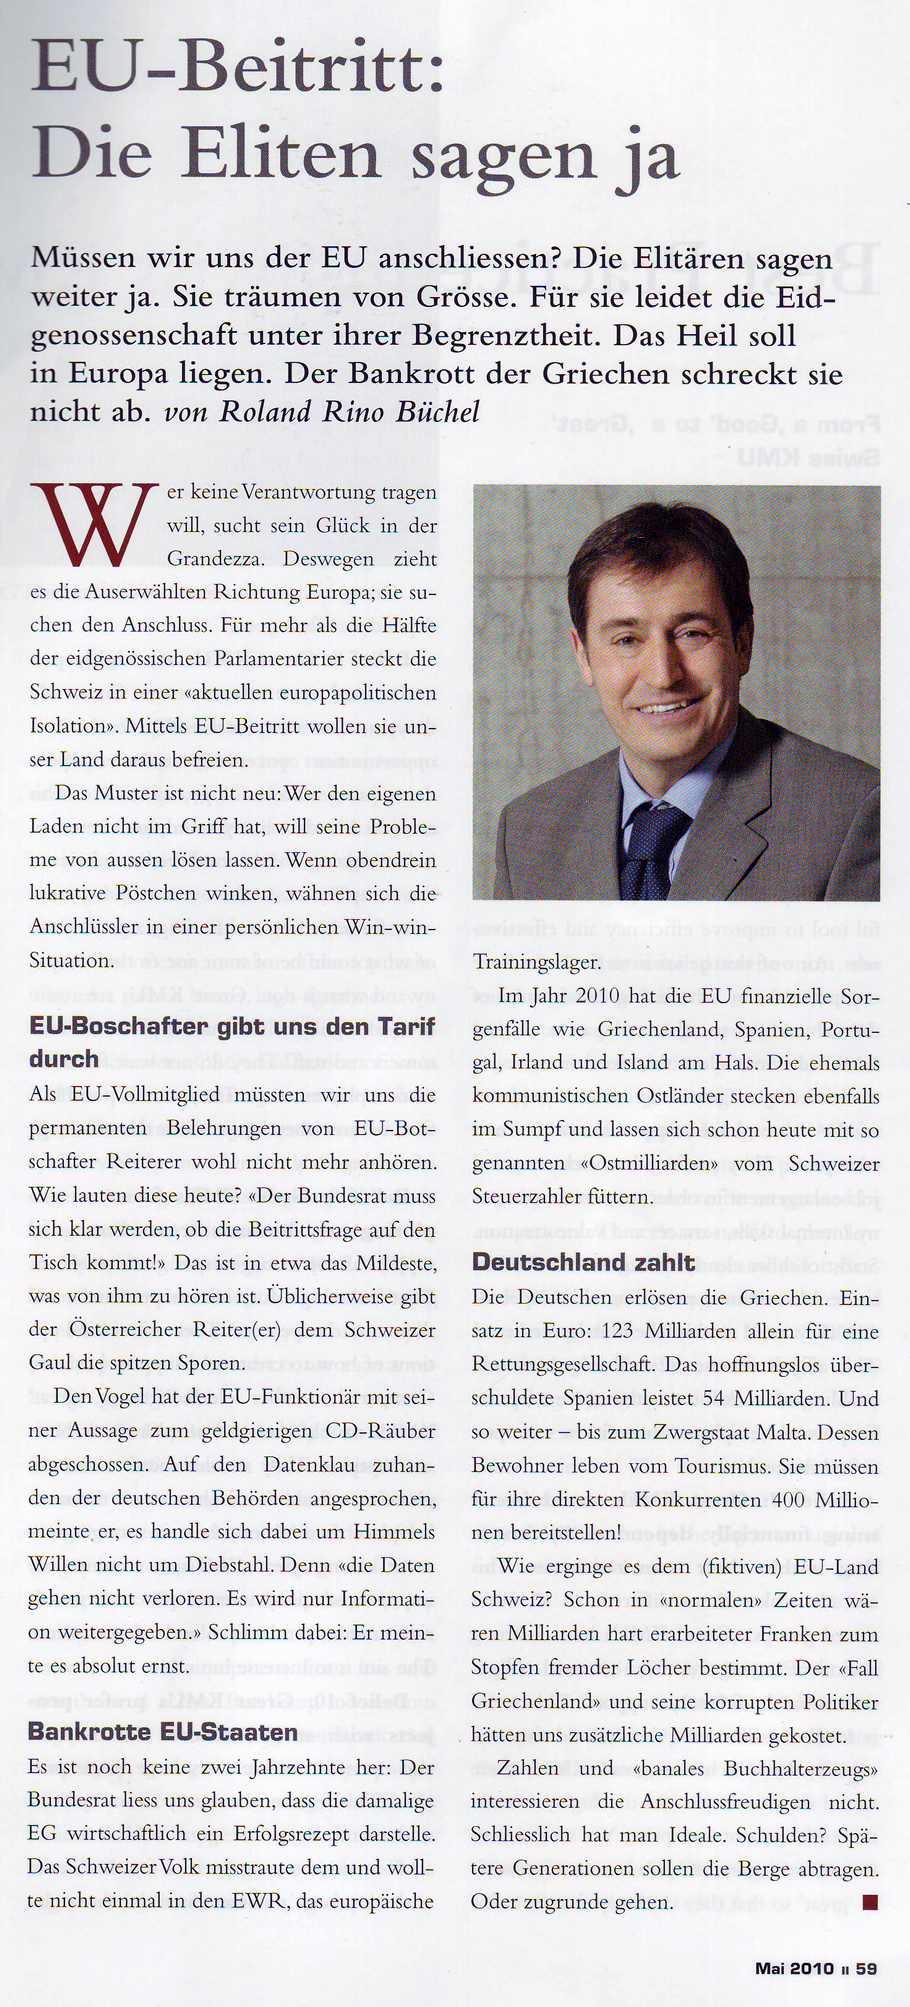 Unternehmermagazin LEADER: EU-Beitritt- Die Elitären sagen weiter ja